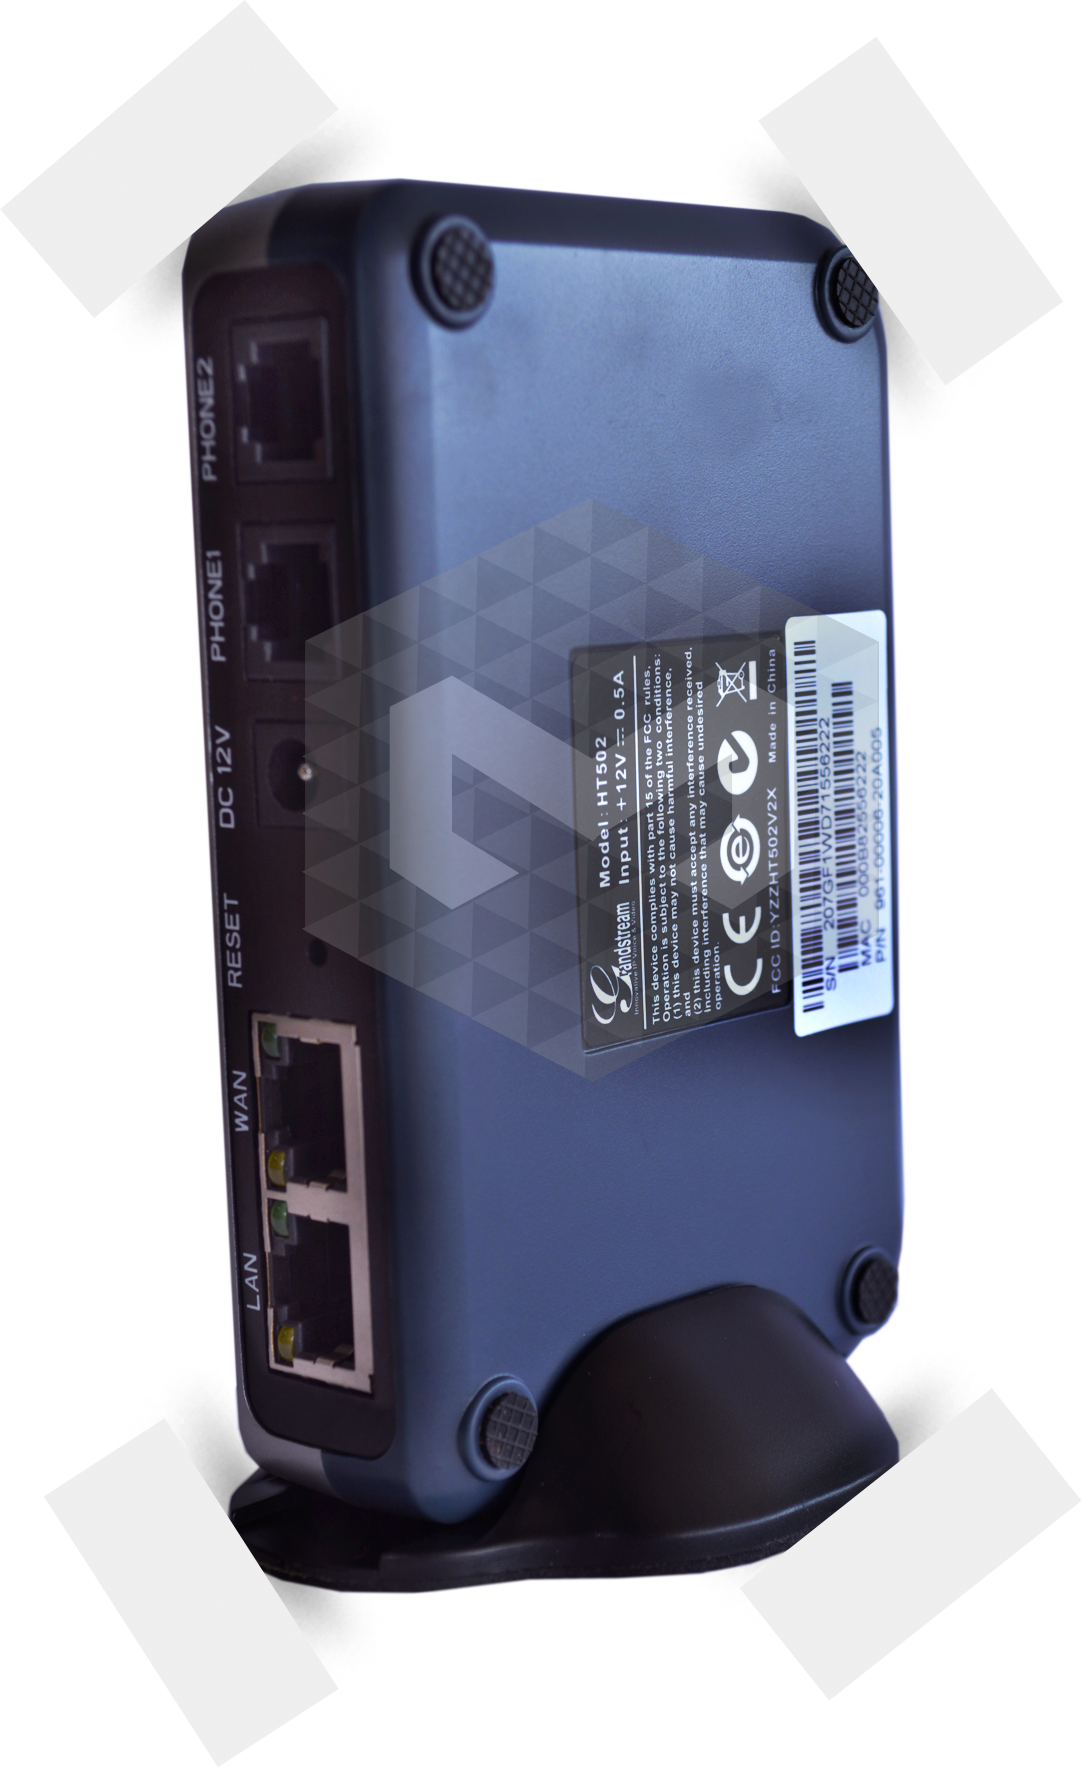 HT502-Grandstream